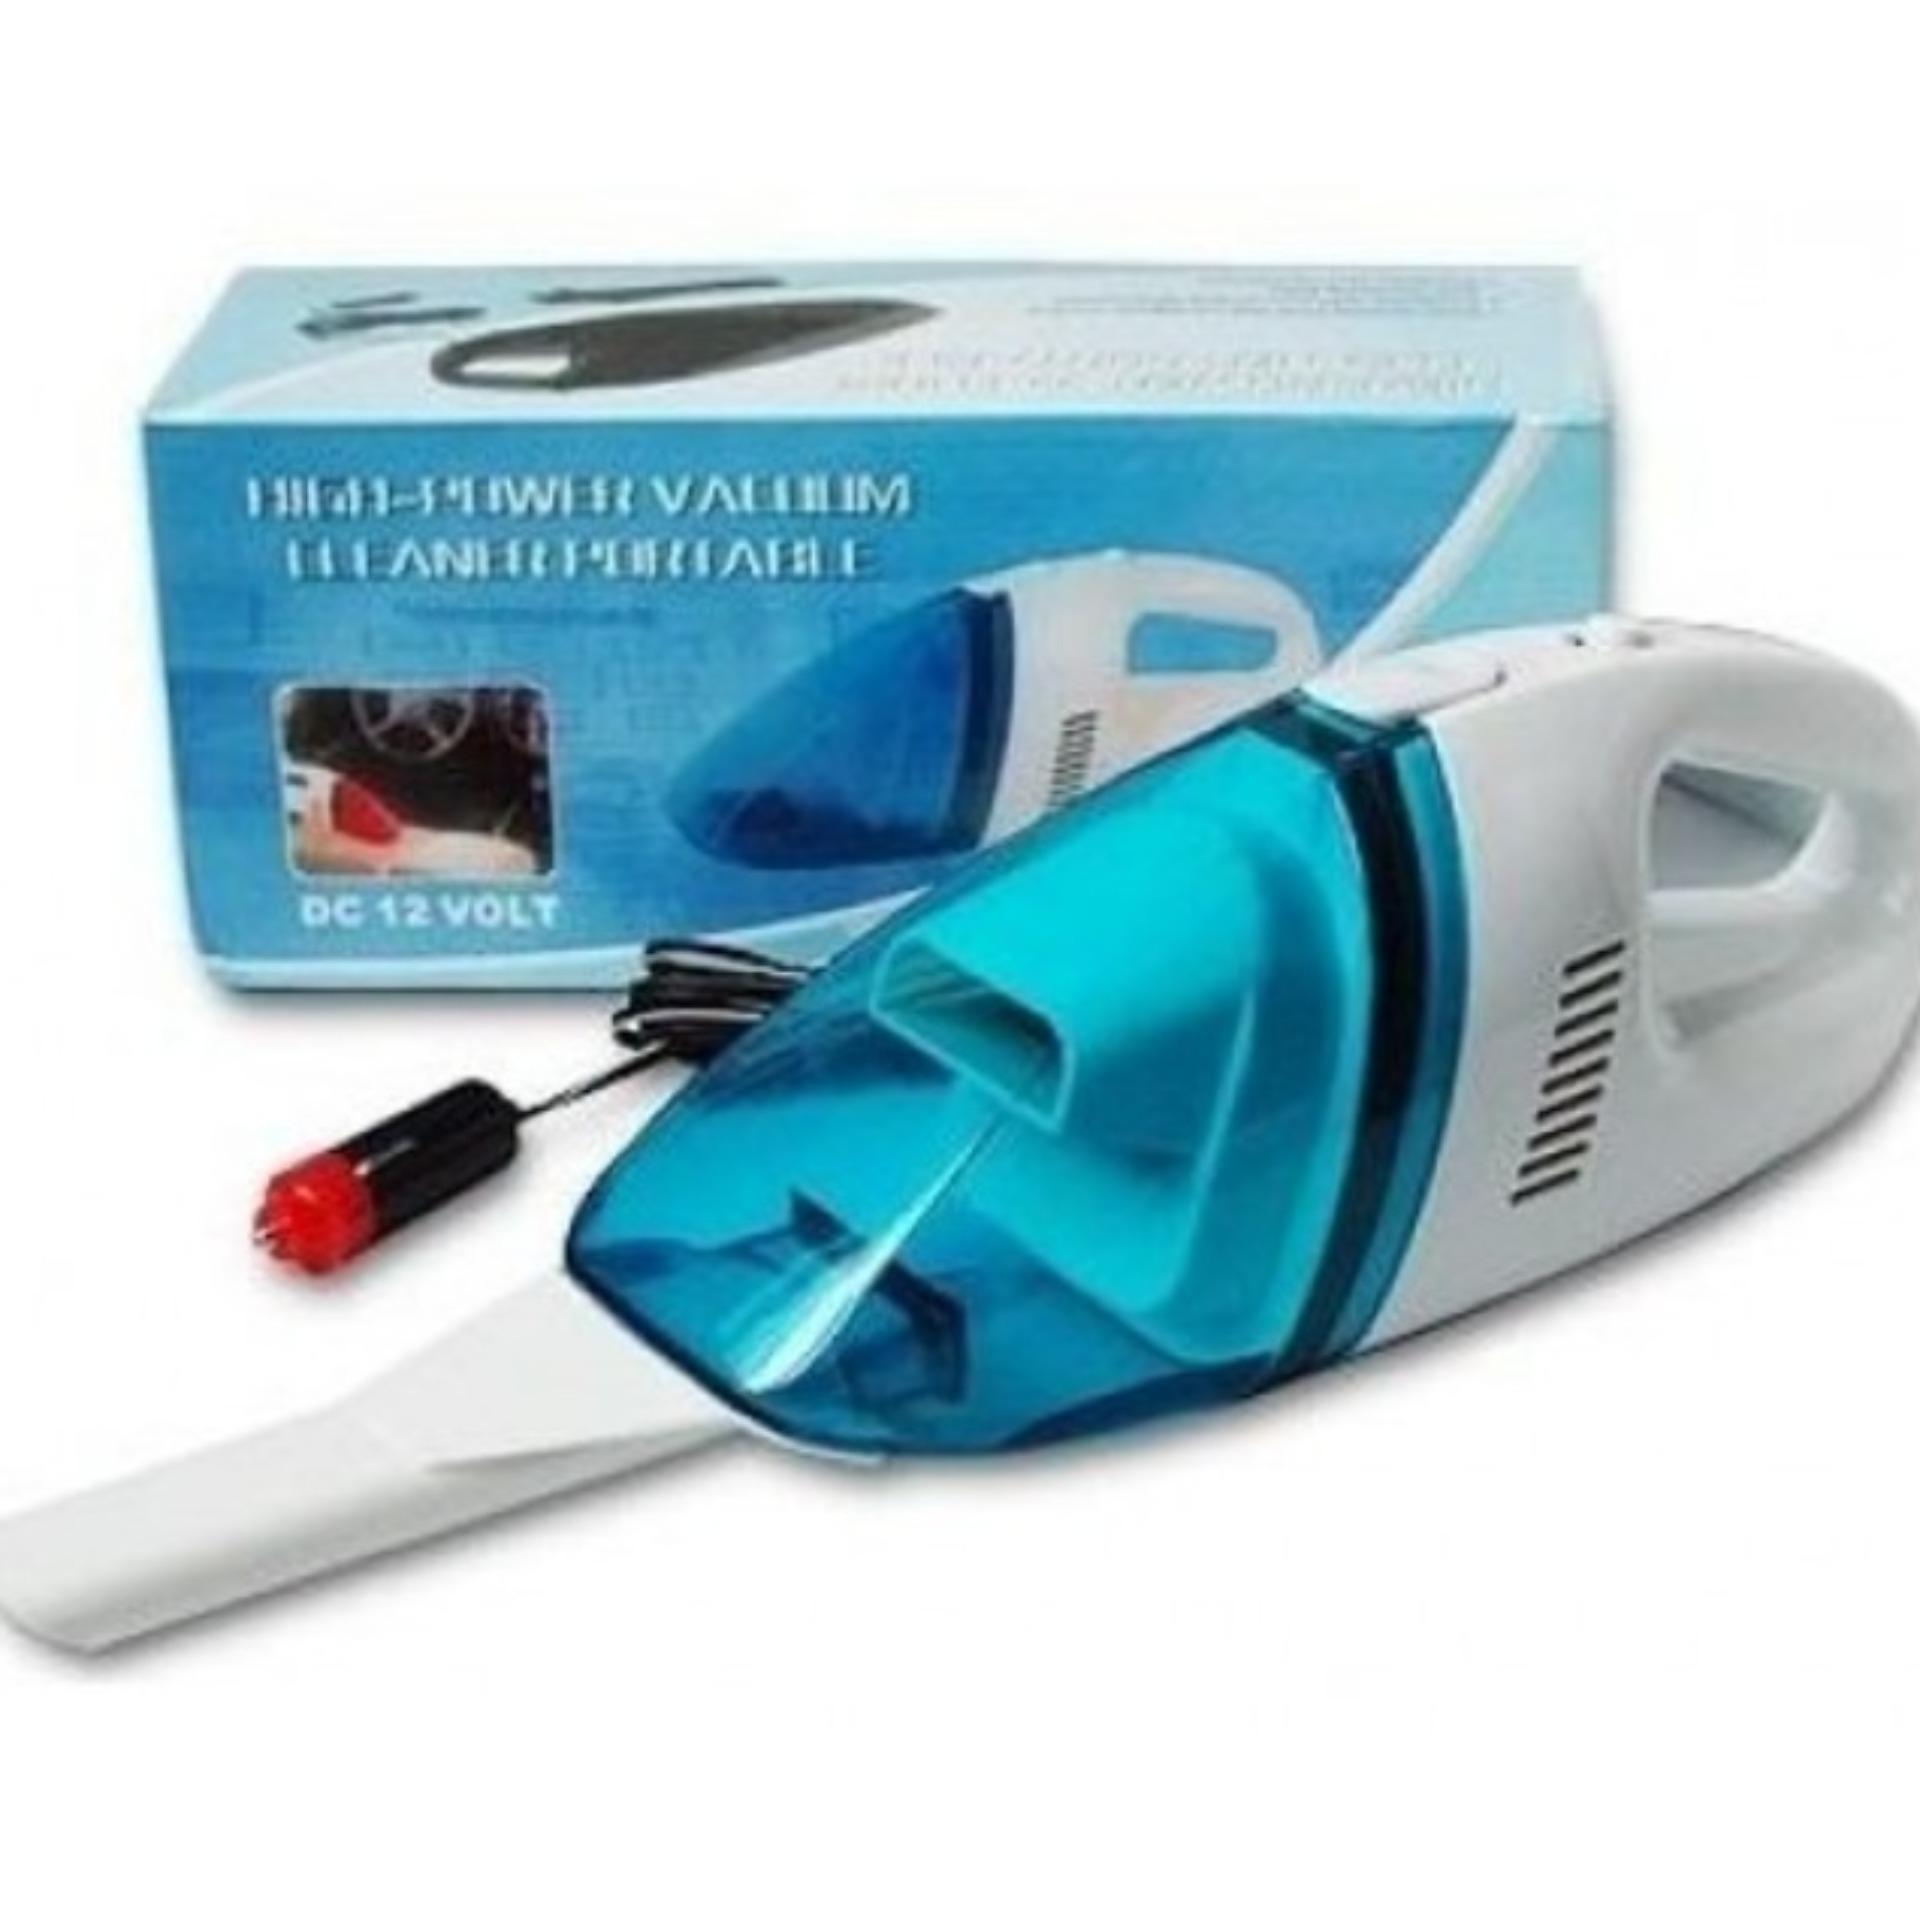 Vacum Cleaner Mobil/Vacuum Cleaner Portable/Penyedot debu/Penghisap Kotoran mobil